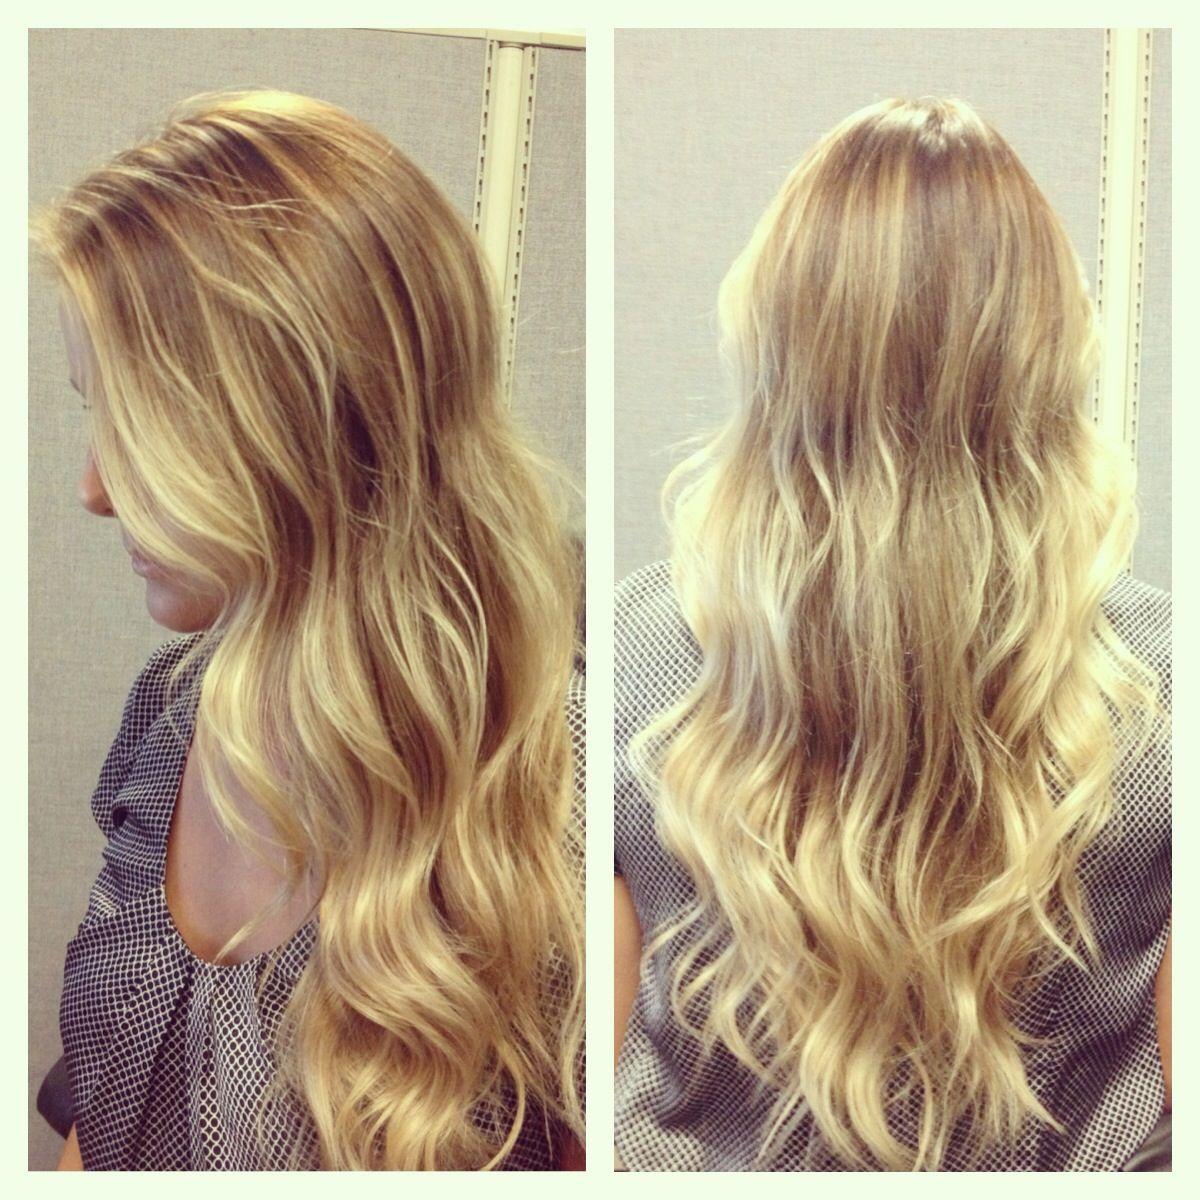 Beachy wavy hair / balayage / blond / blonde / natural looking highlights / summer